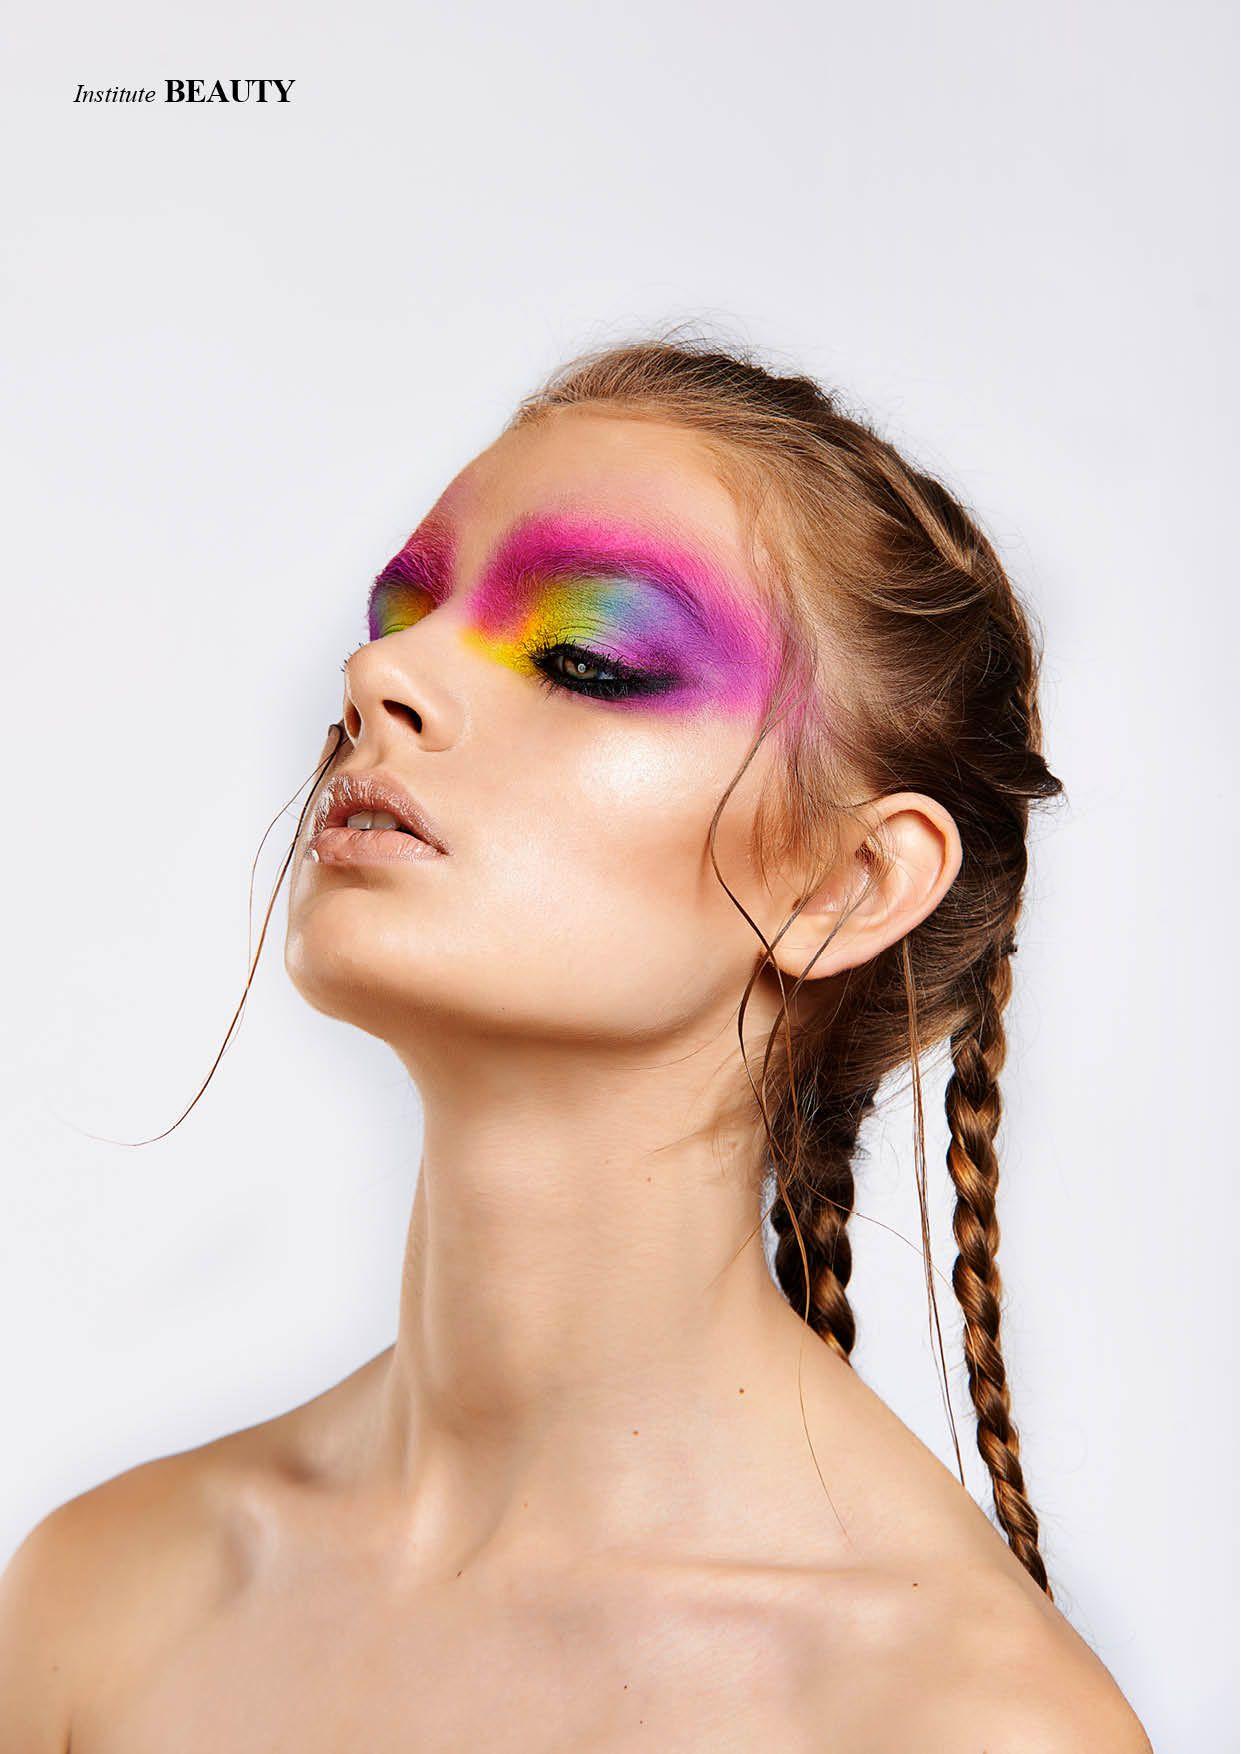 Mystique - Photographed by Rubén Suárez Make Up Artist Igor Losada Model Barbara Roskosa / UNO Models